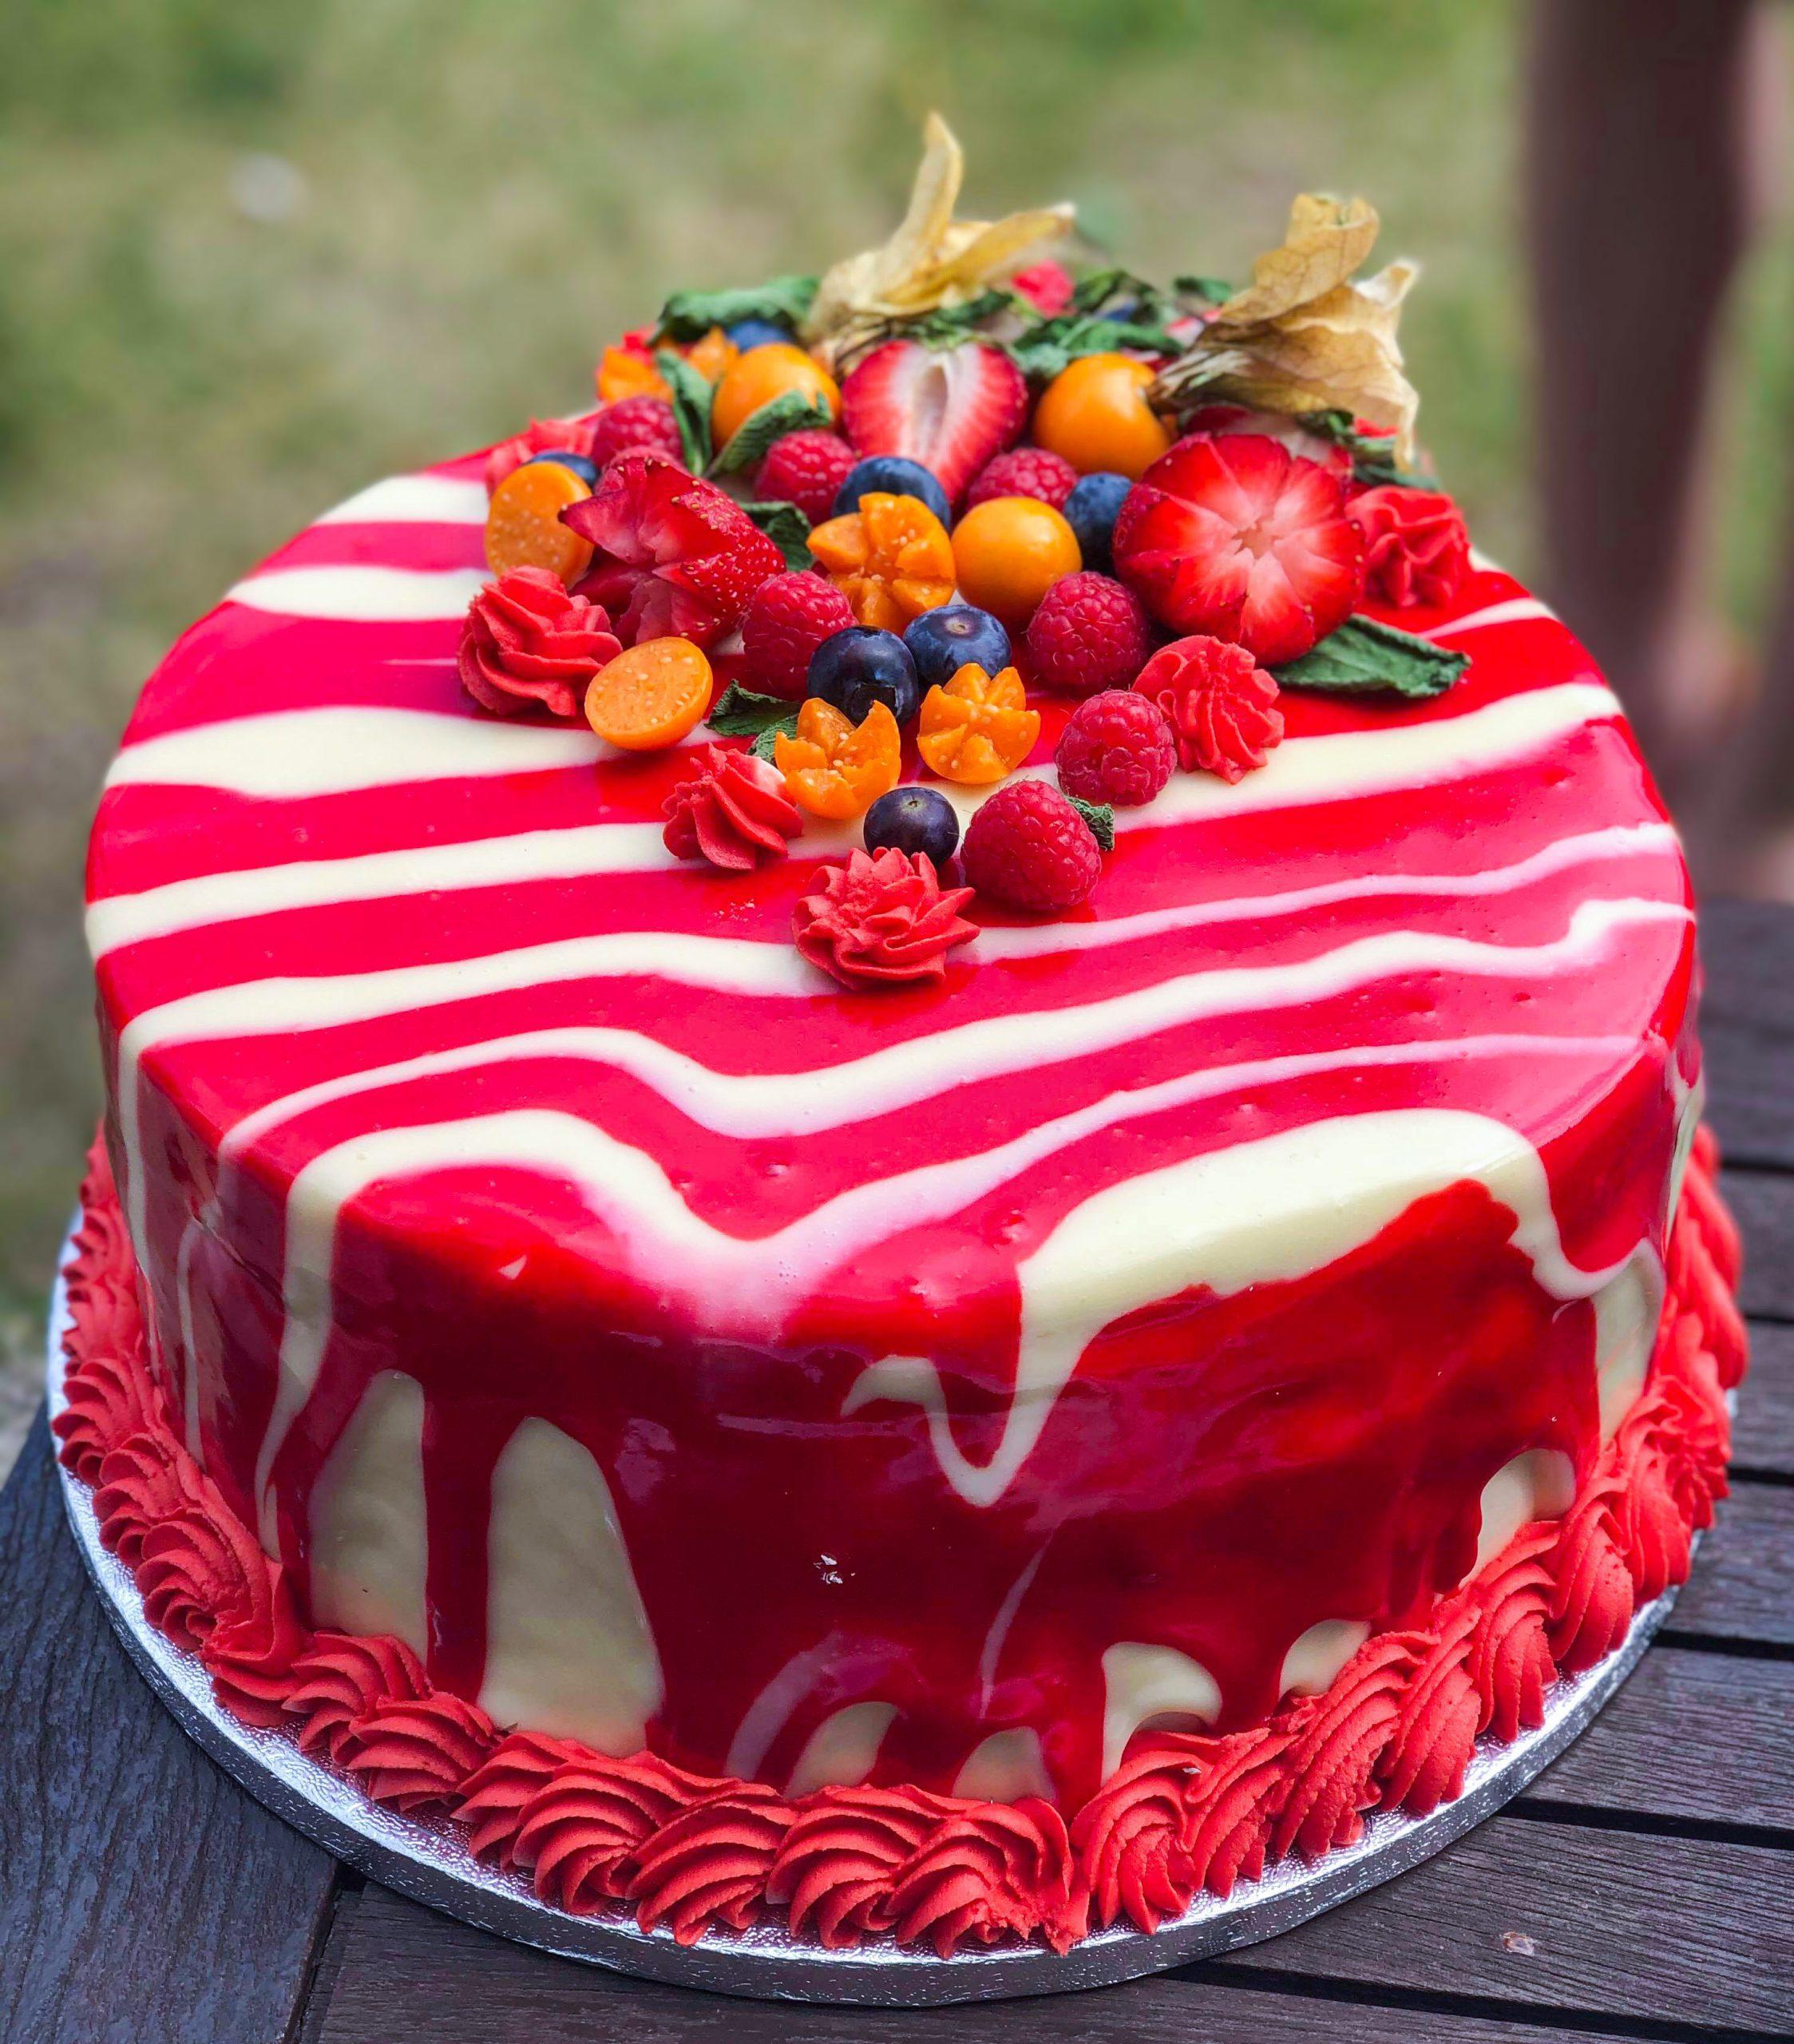 Bill's handmade birthday cake